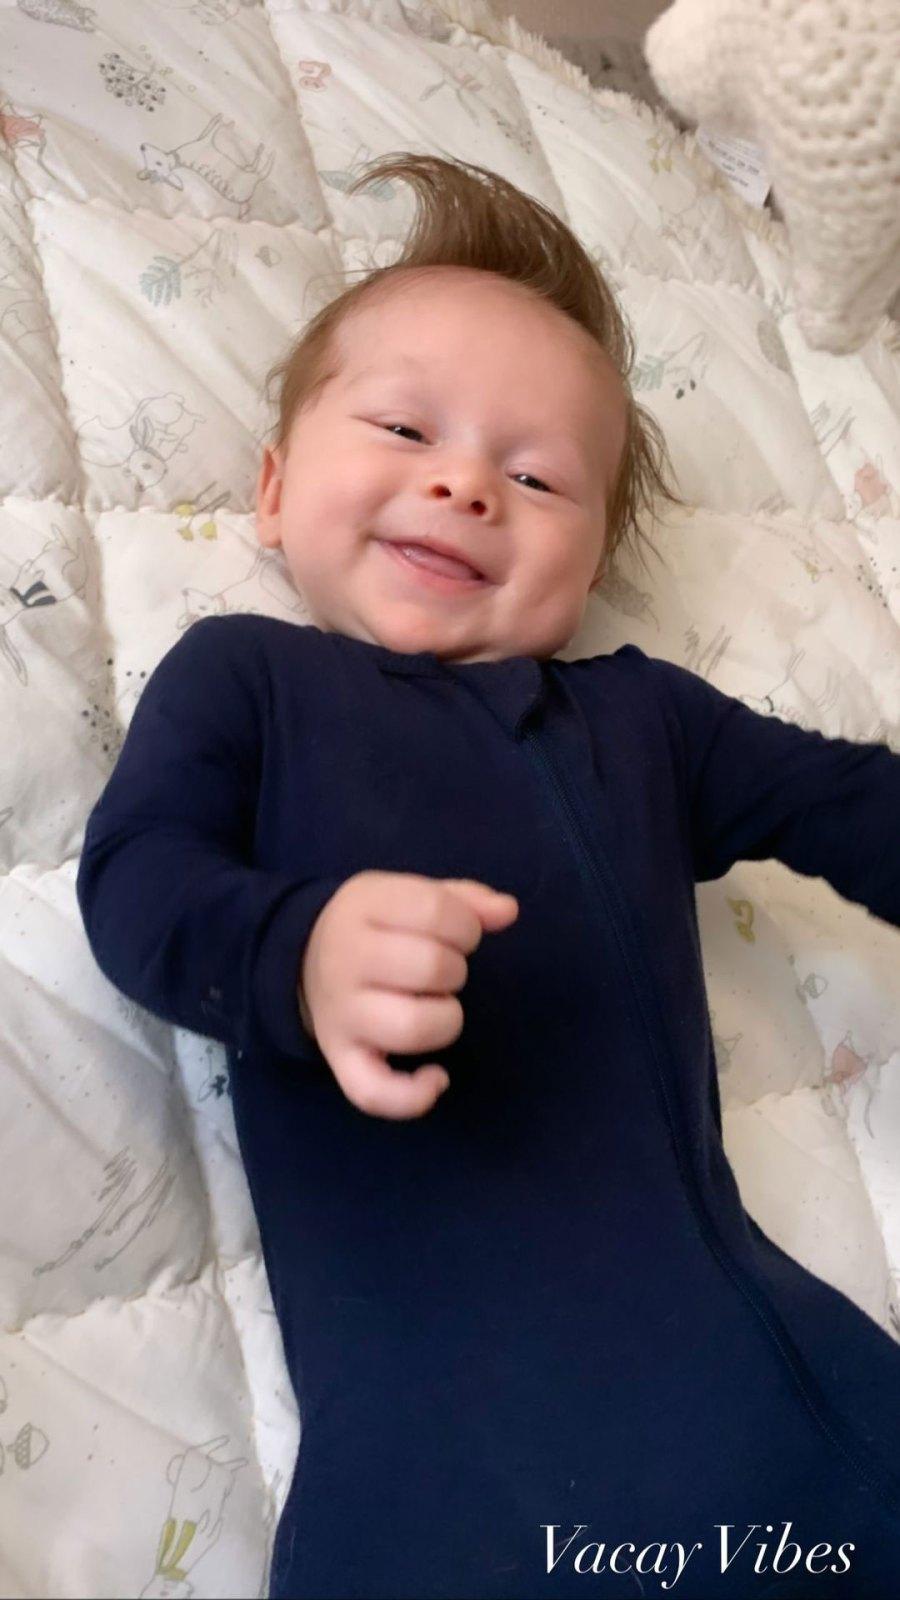 Nikki Bella and Artem Chigvintsev Son Matteo Smiling